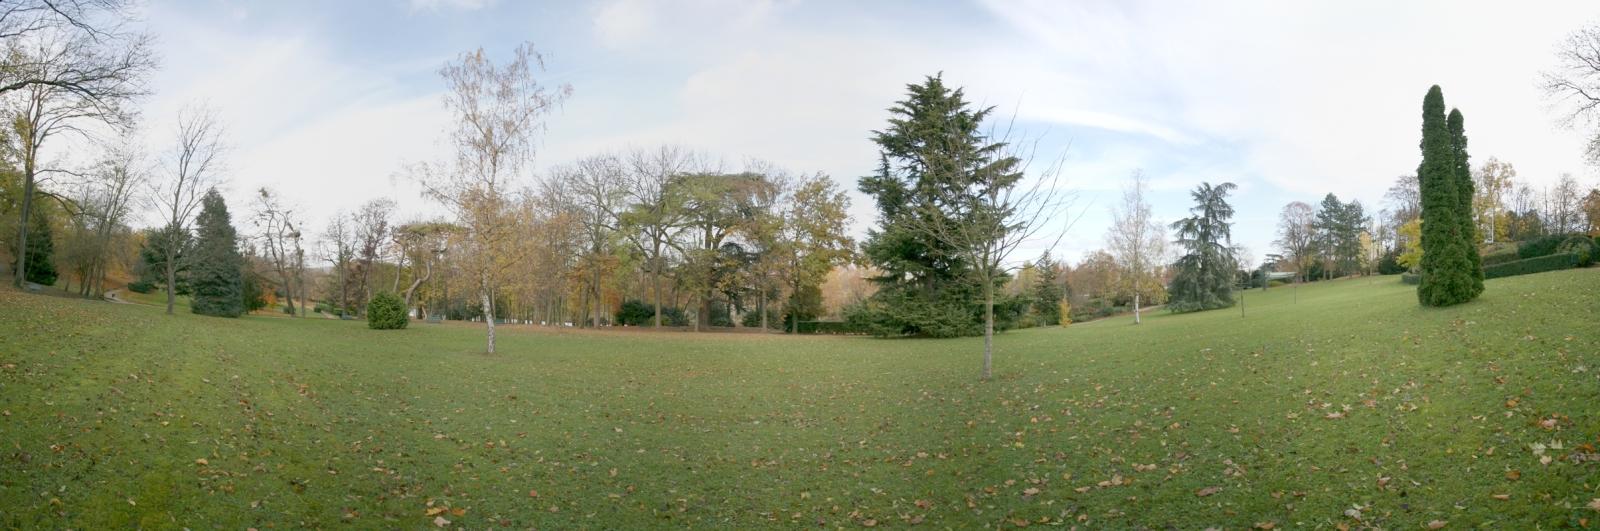 20071112 Panoramique Parc Meissonnier